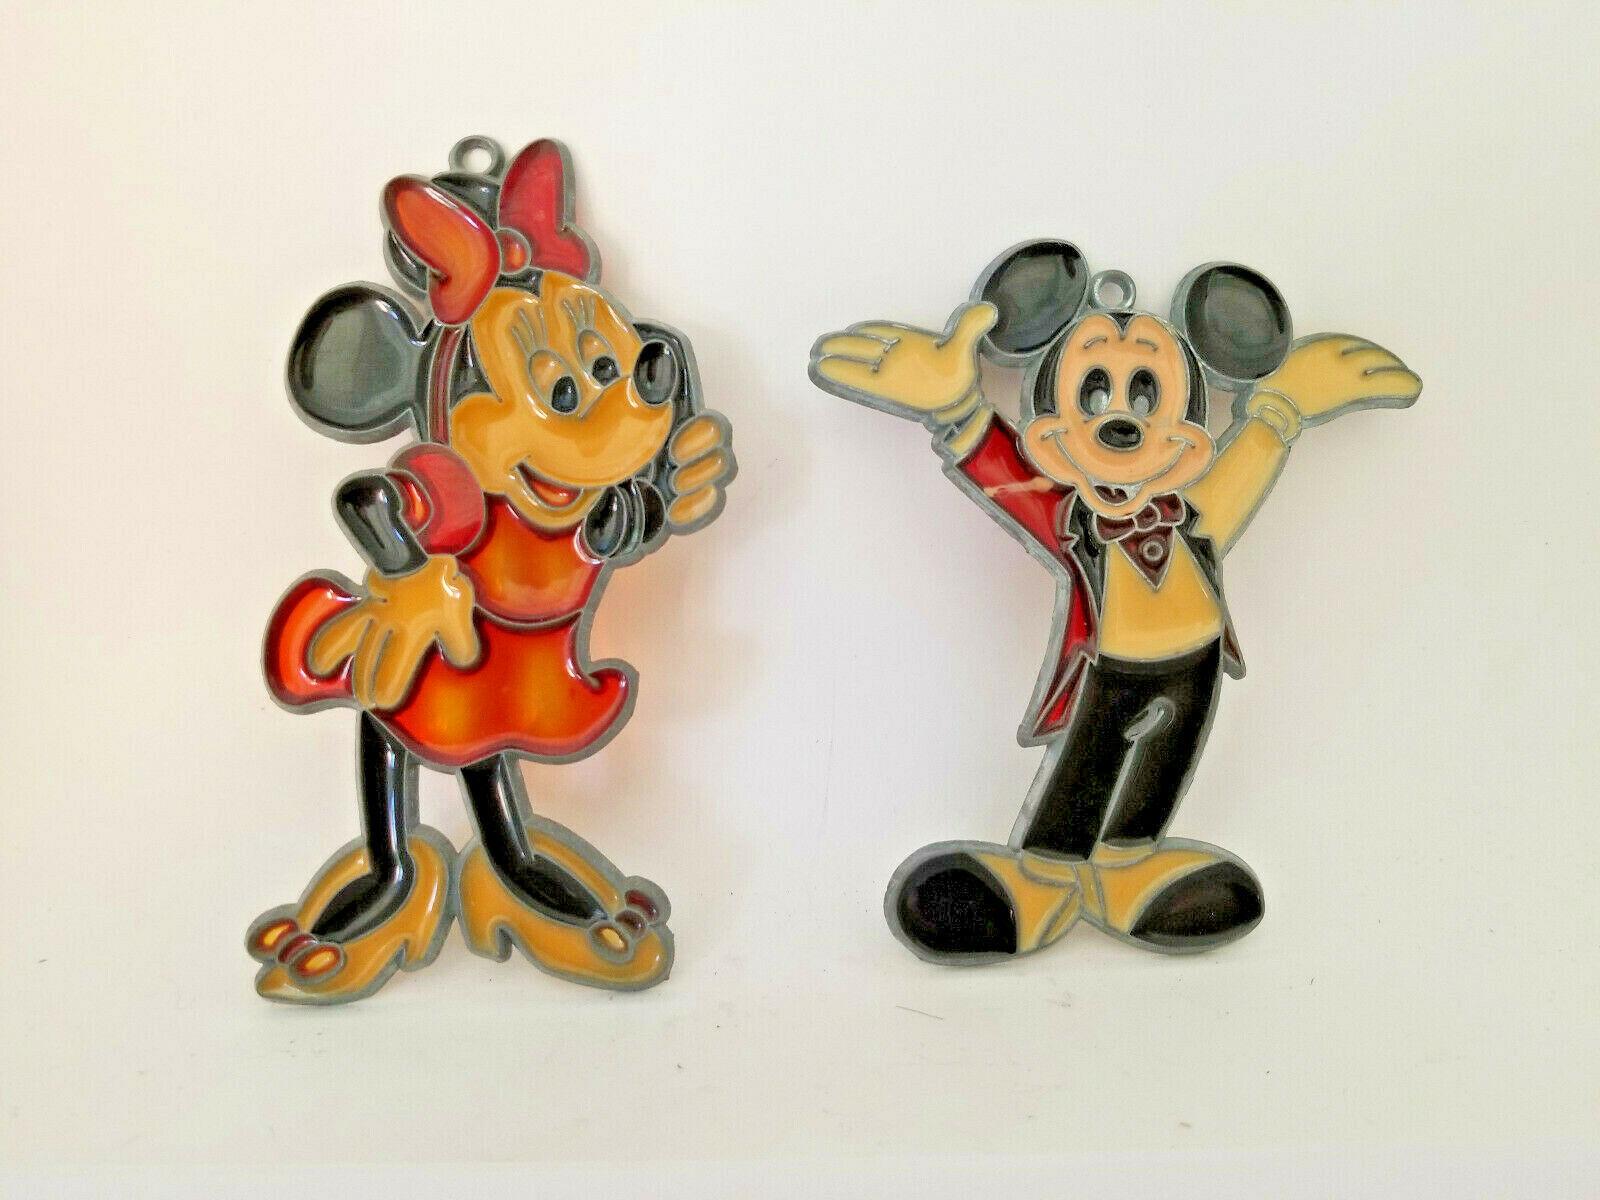 Vintage Walt Disney Mickey and Minnie Stained Glass Suncatcher Window Decoration - $14.99